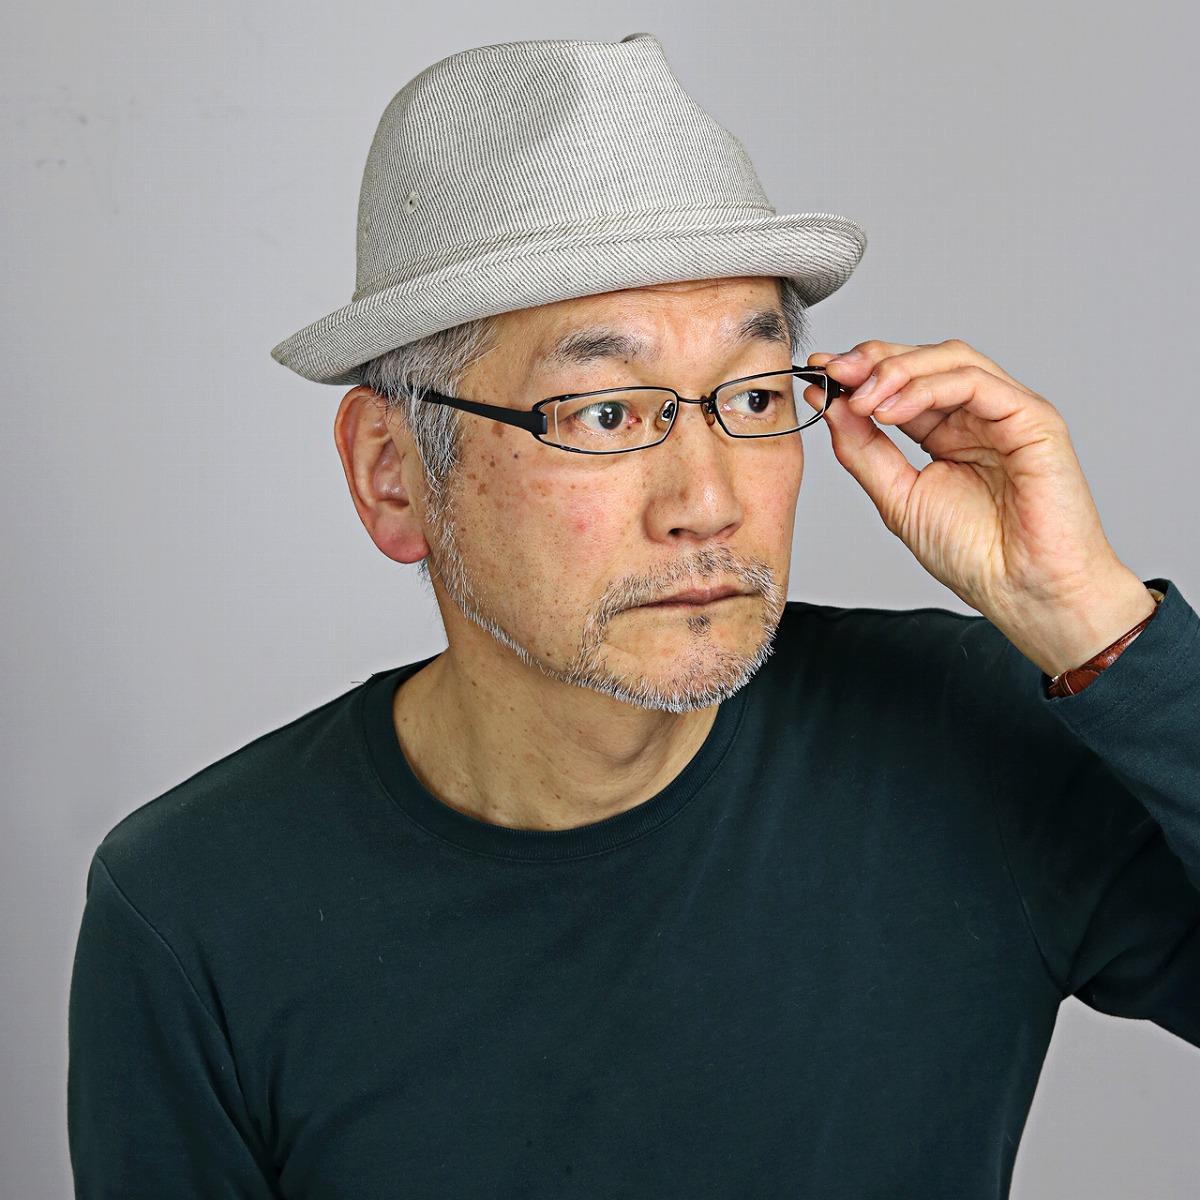 DAKS 中折れハット メンズ 春夏 ニューレスコー リフレール 帽子 メンズ サイズ調節 ダックス ハット チェック柄 中折れ帽 紳士 英国 ブランド 日本製 ベージュ[ fedora ]男性 誕生日 帽子 父の日 ギフト プレゼント